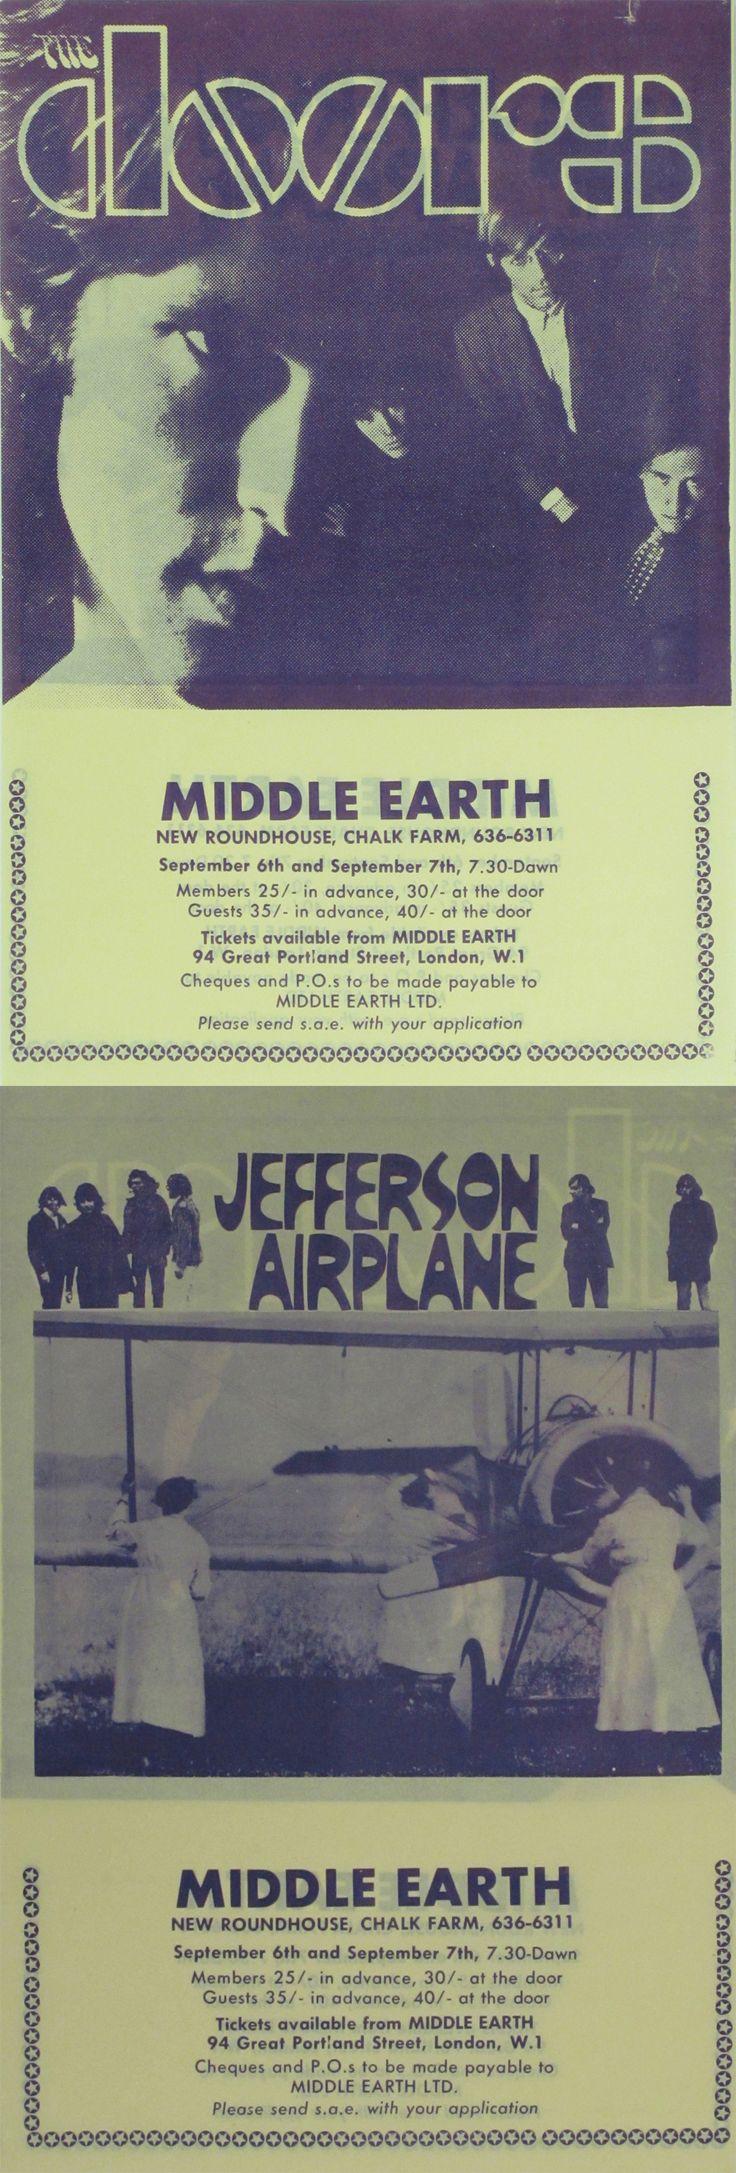 The Doors & Jefferson Airplane Concert Handbill